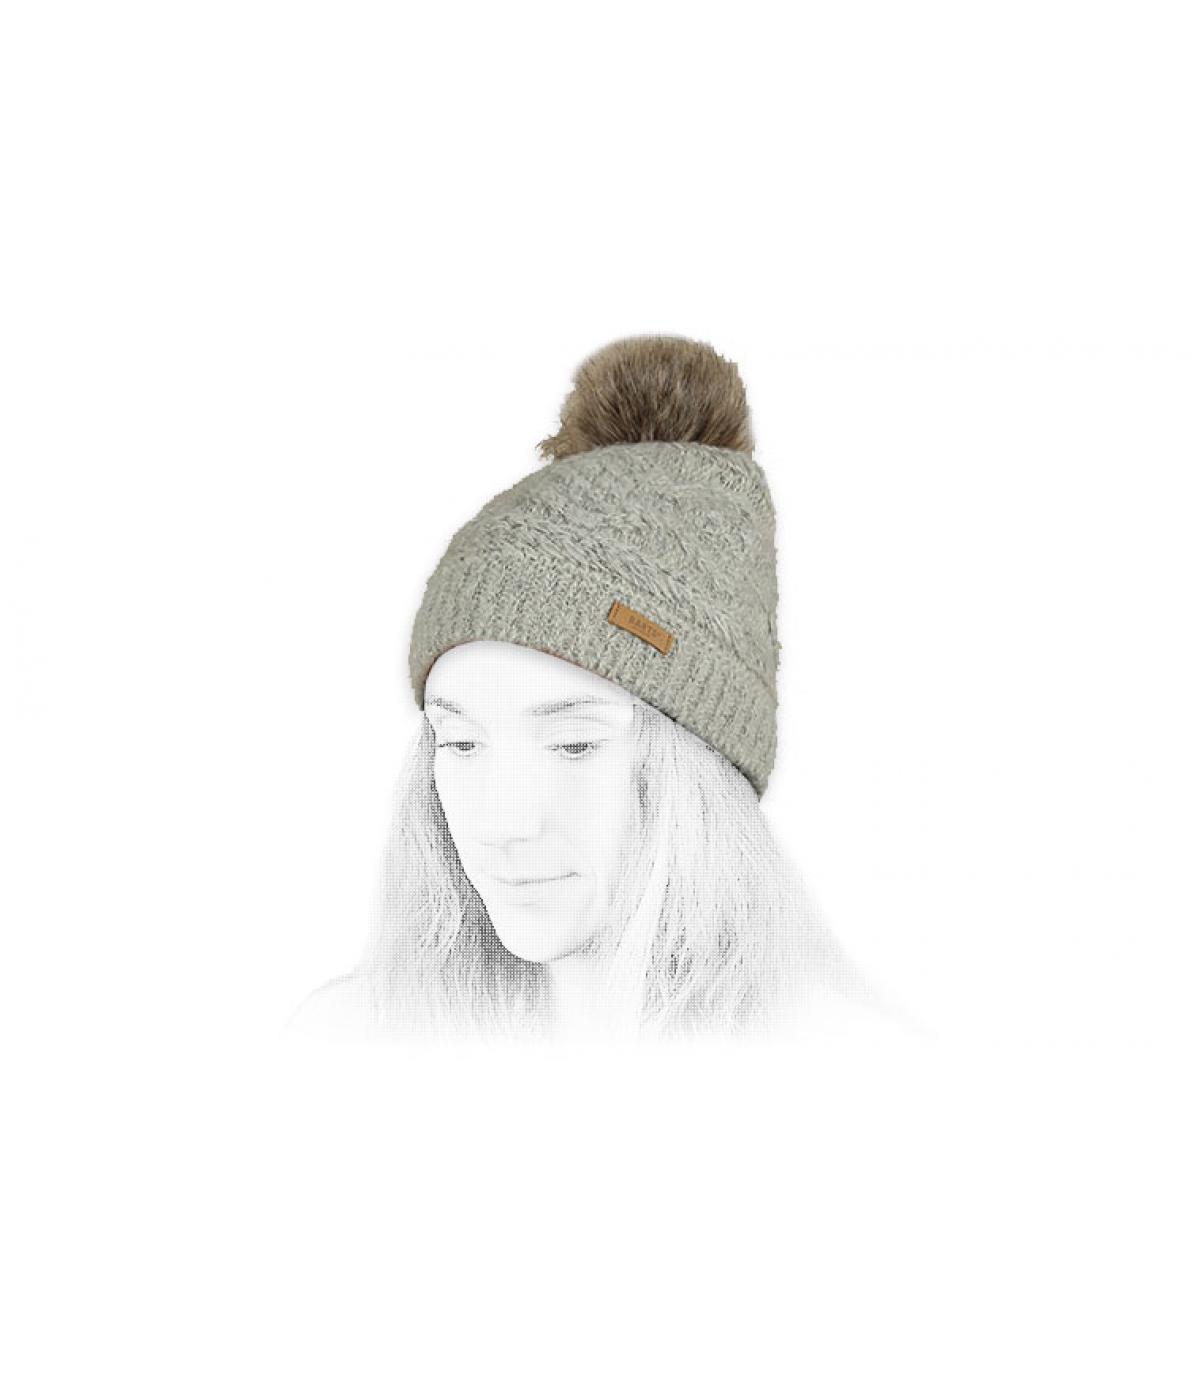 Détails Antonia Beanie cream - image 4